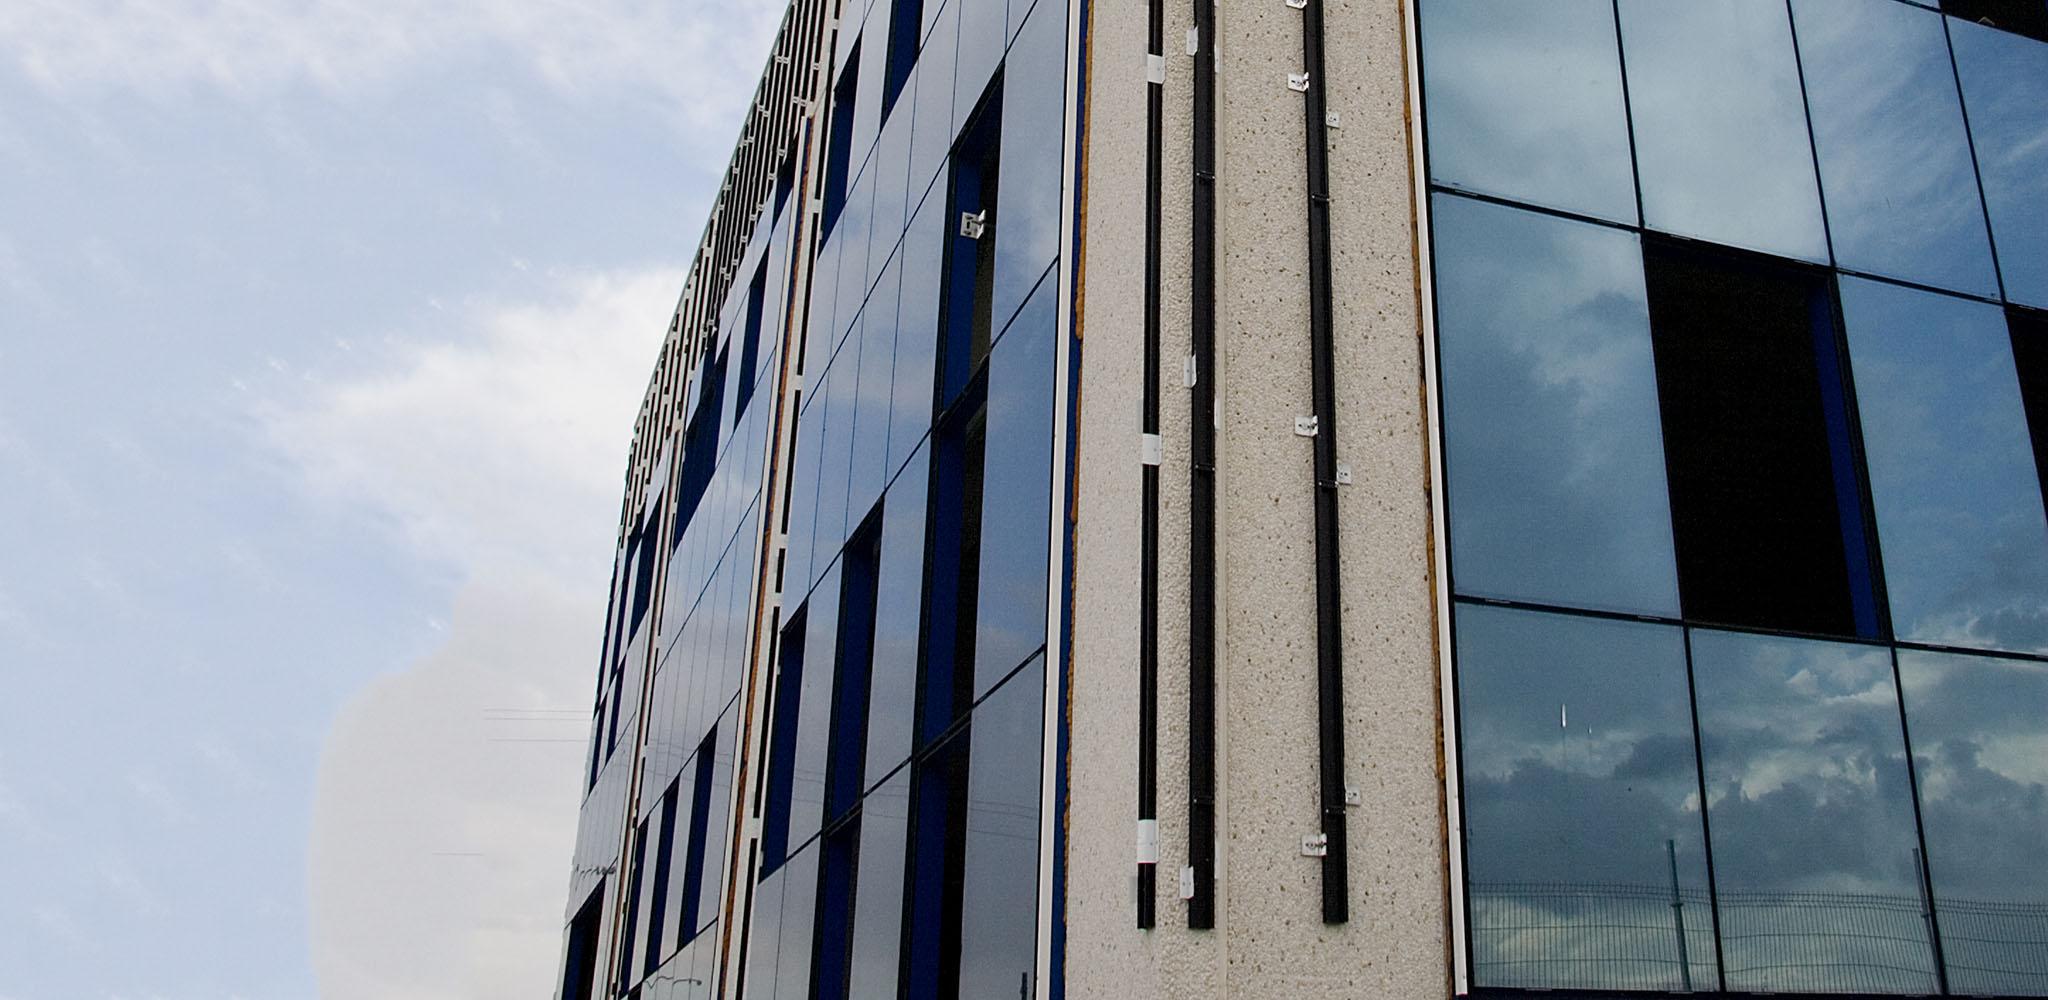 Ventanas de aluminio bermar ventanas - Ventanas rotura puente termico precios ...